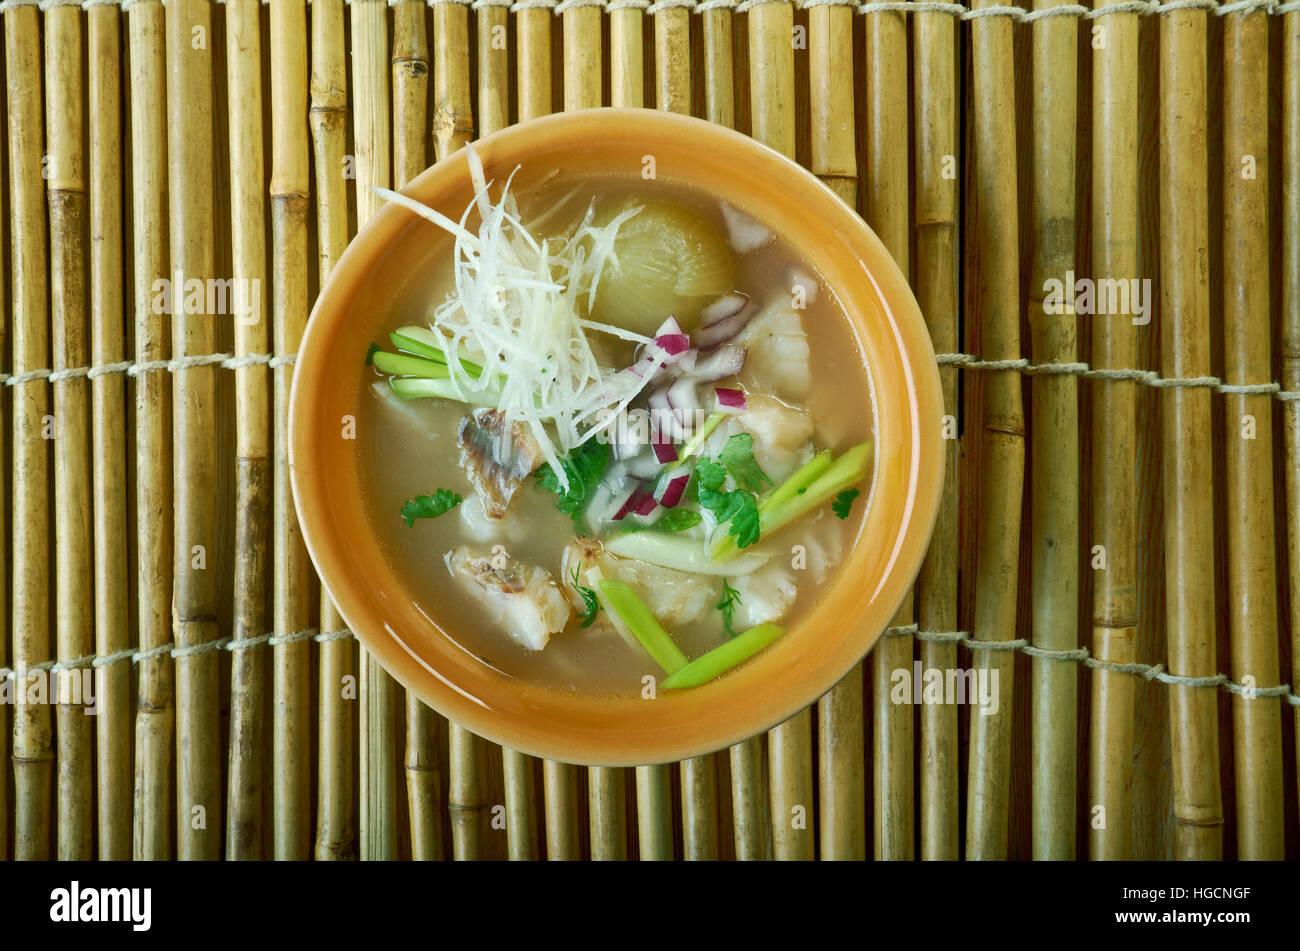 Tekwan  fish soup typical of Palembang, Indonesia - Stock Image